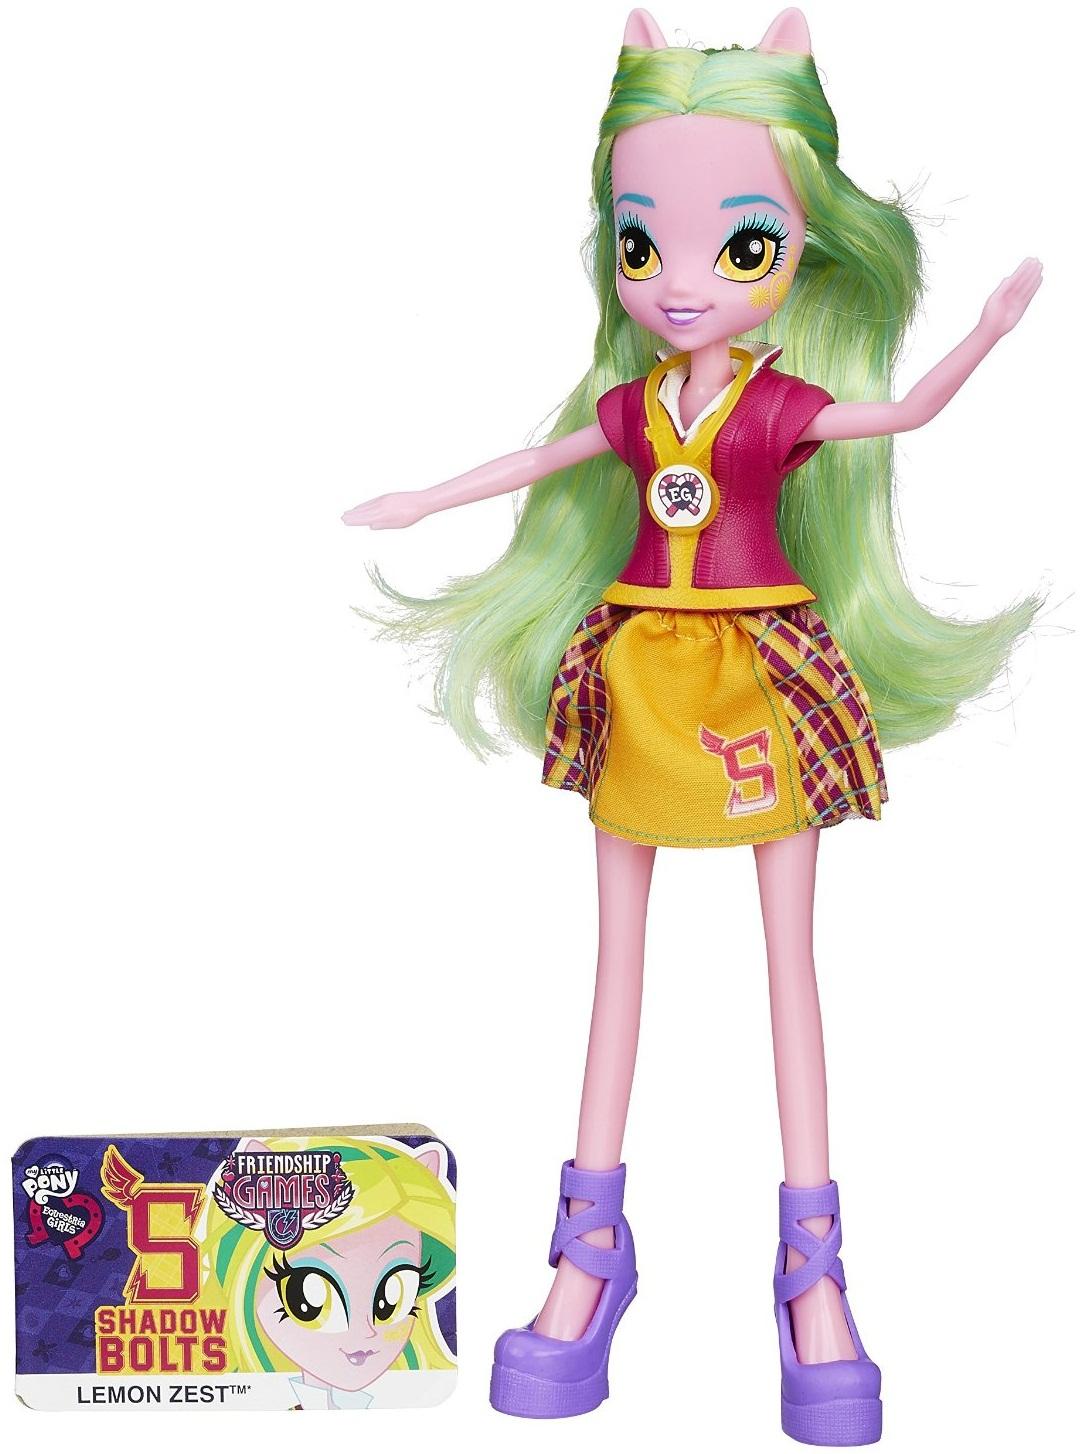 Кукла «Девушки Эквестрии» School Spirit - Лемон ЗестМоя маленькая пони (My Little Pony)<br>Кукла «Девушки Эквестрии» School Spirit - Лемон Зест<br>